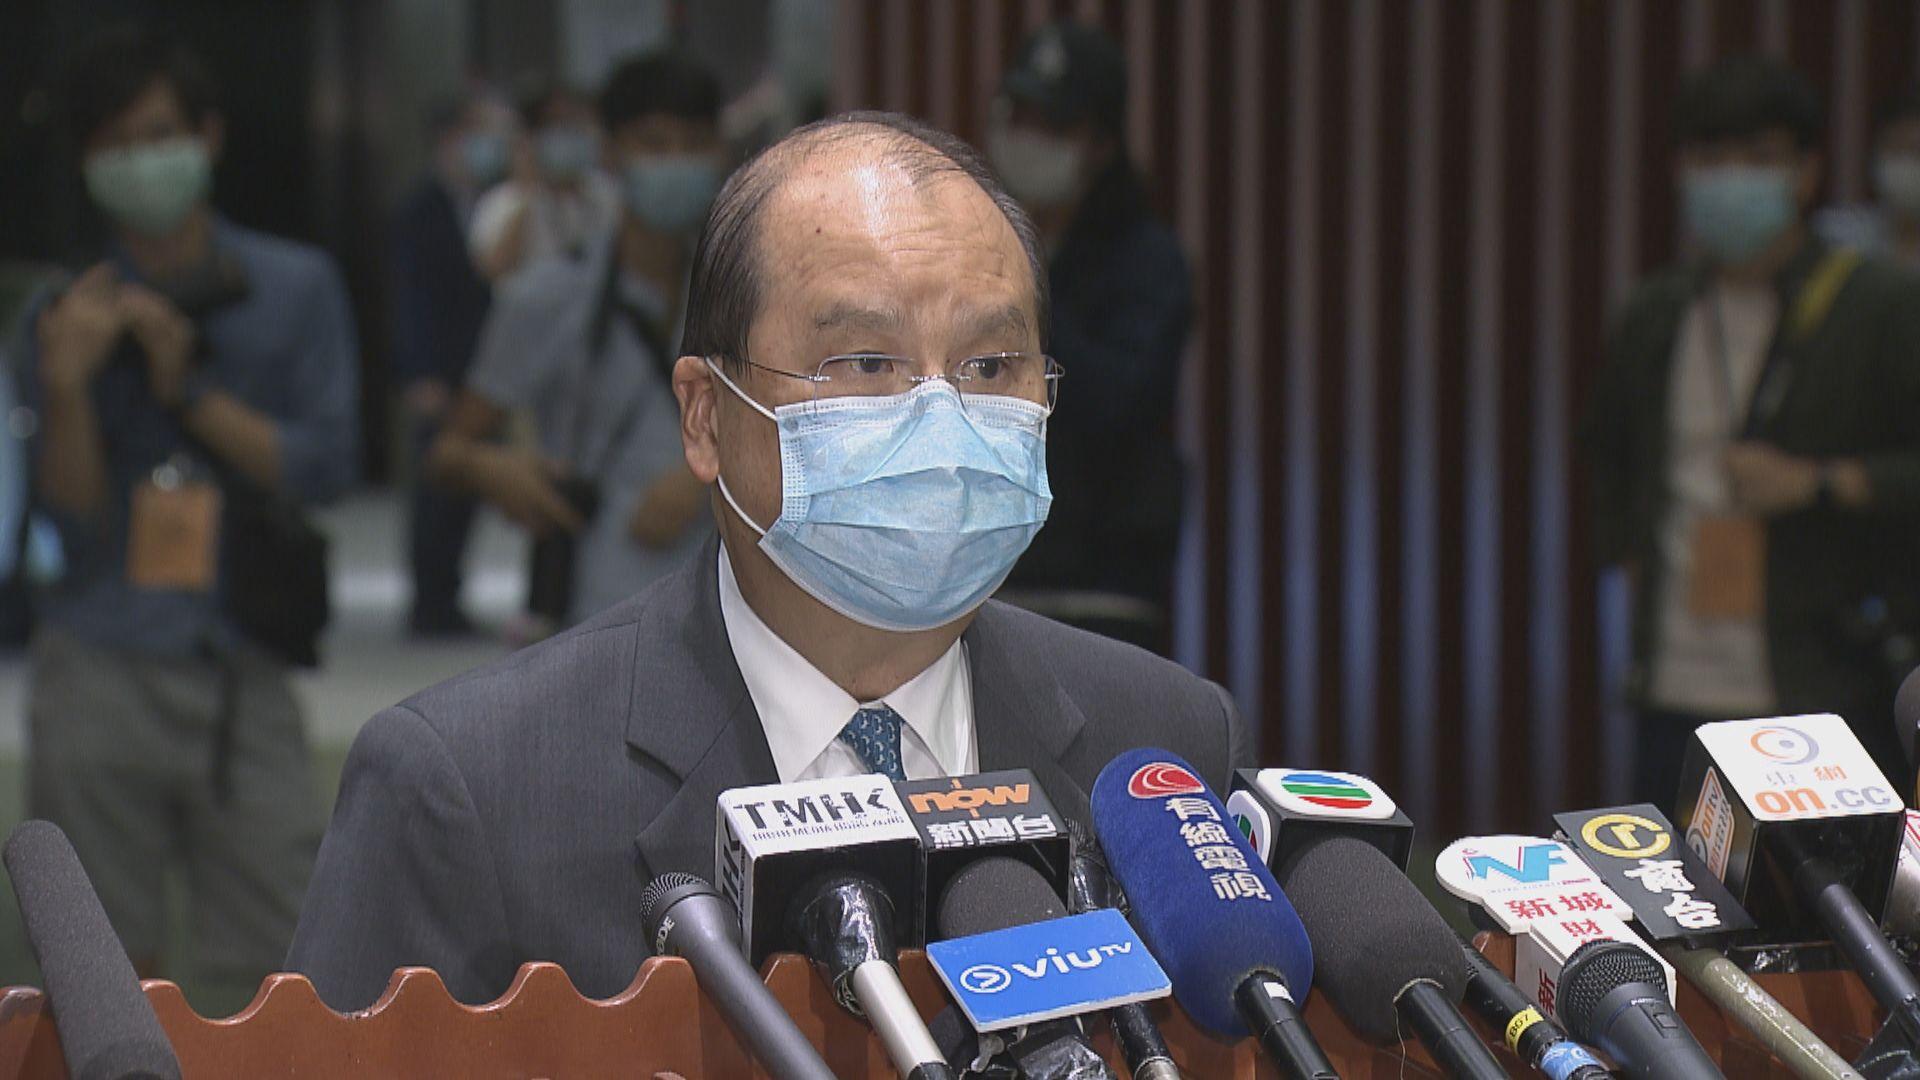 張建宗︰參選要求無變 投票應以香港利益為依歸